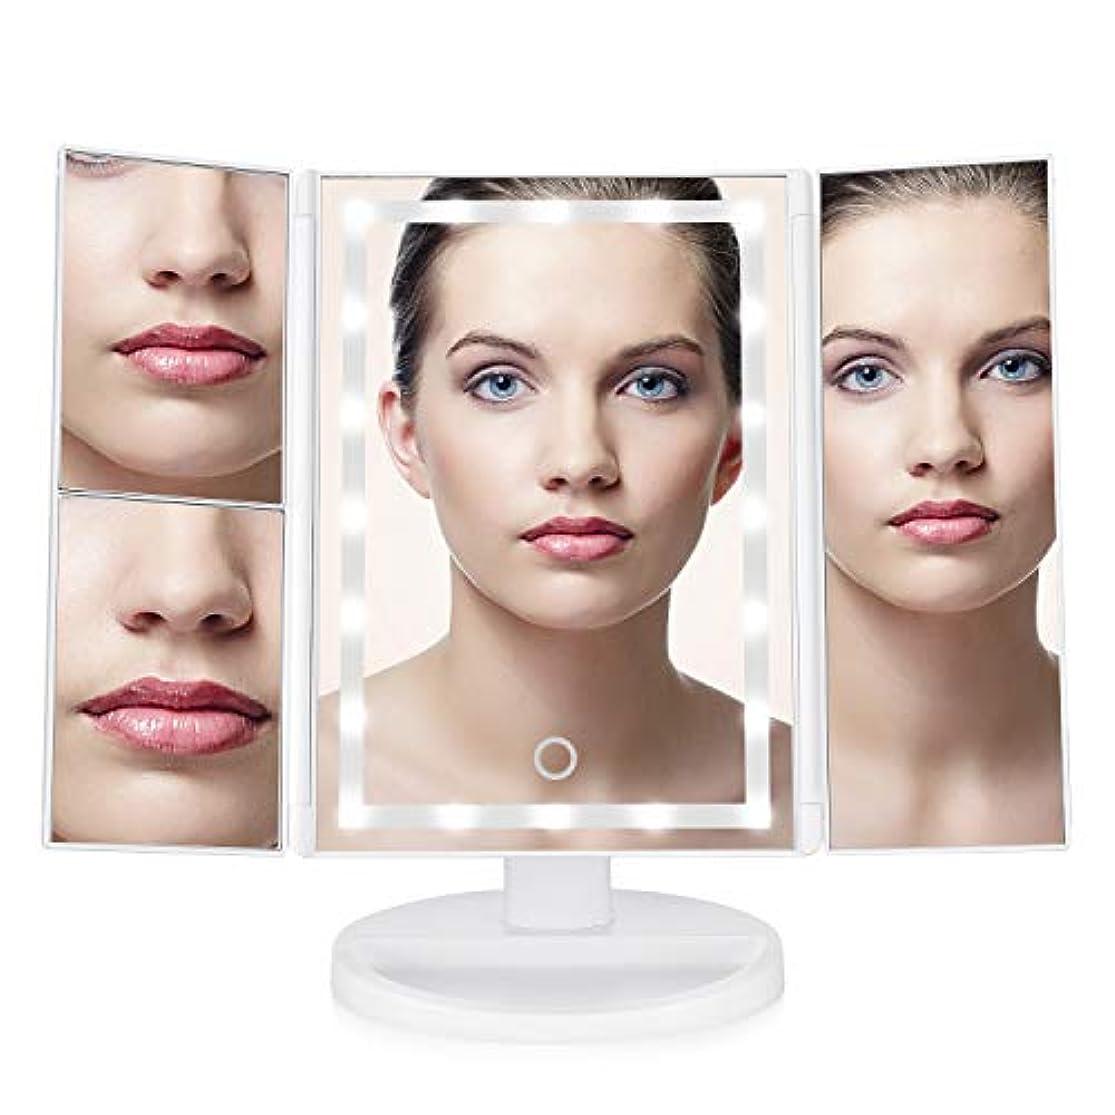 悩む目的悲観主義者化粧鏡 化粧ミラー 鏡 三面鏡 女優ミラー 卓上 折りたたみ 拡大鏡 2&3倍 ライトの明るさを調節可能 180°回転